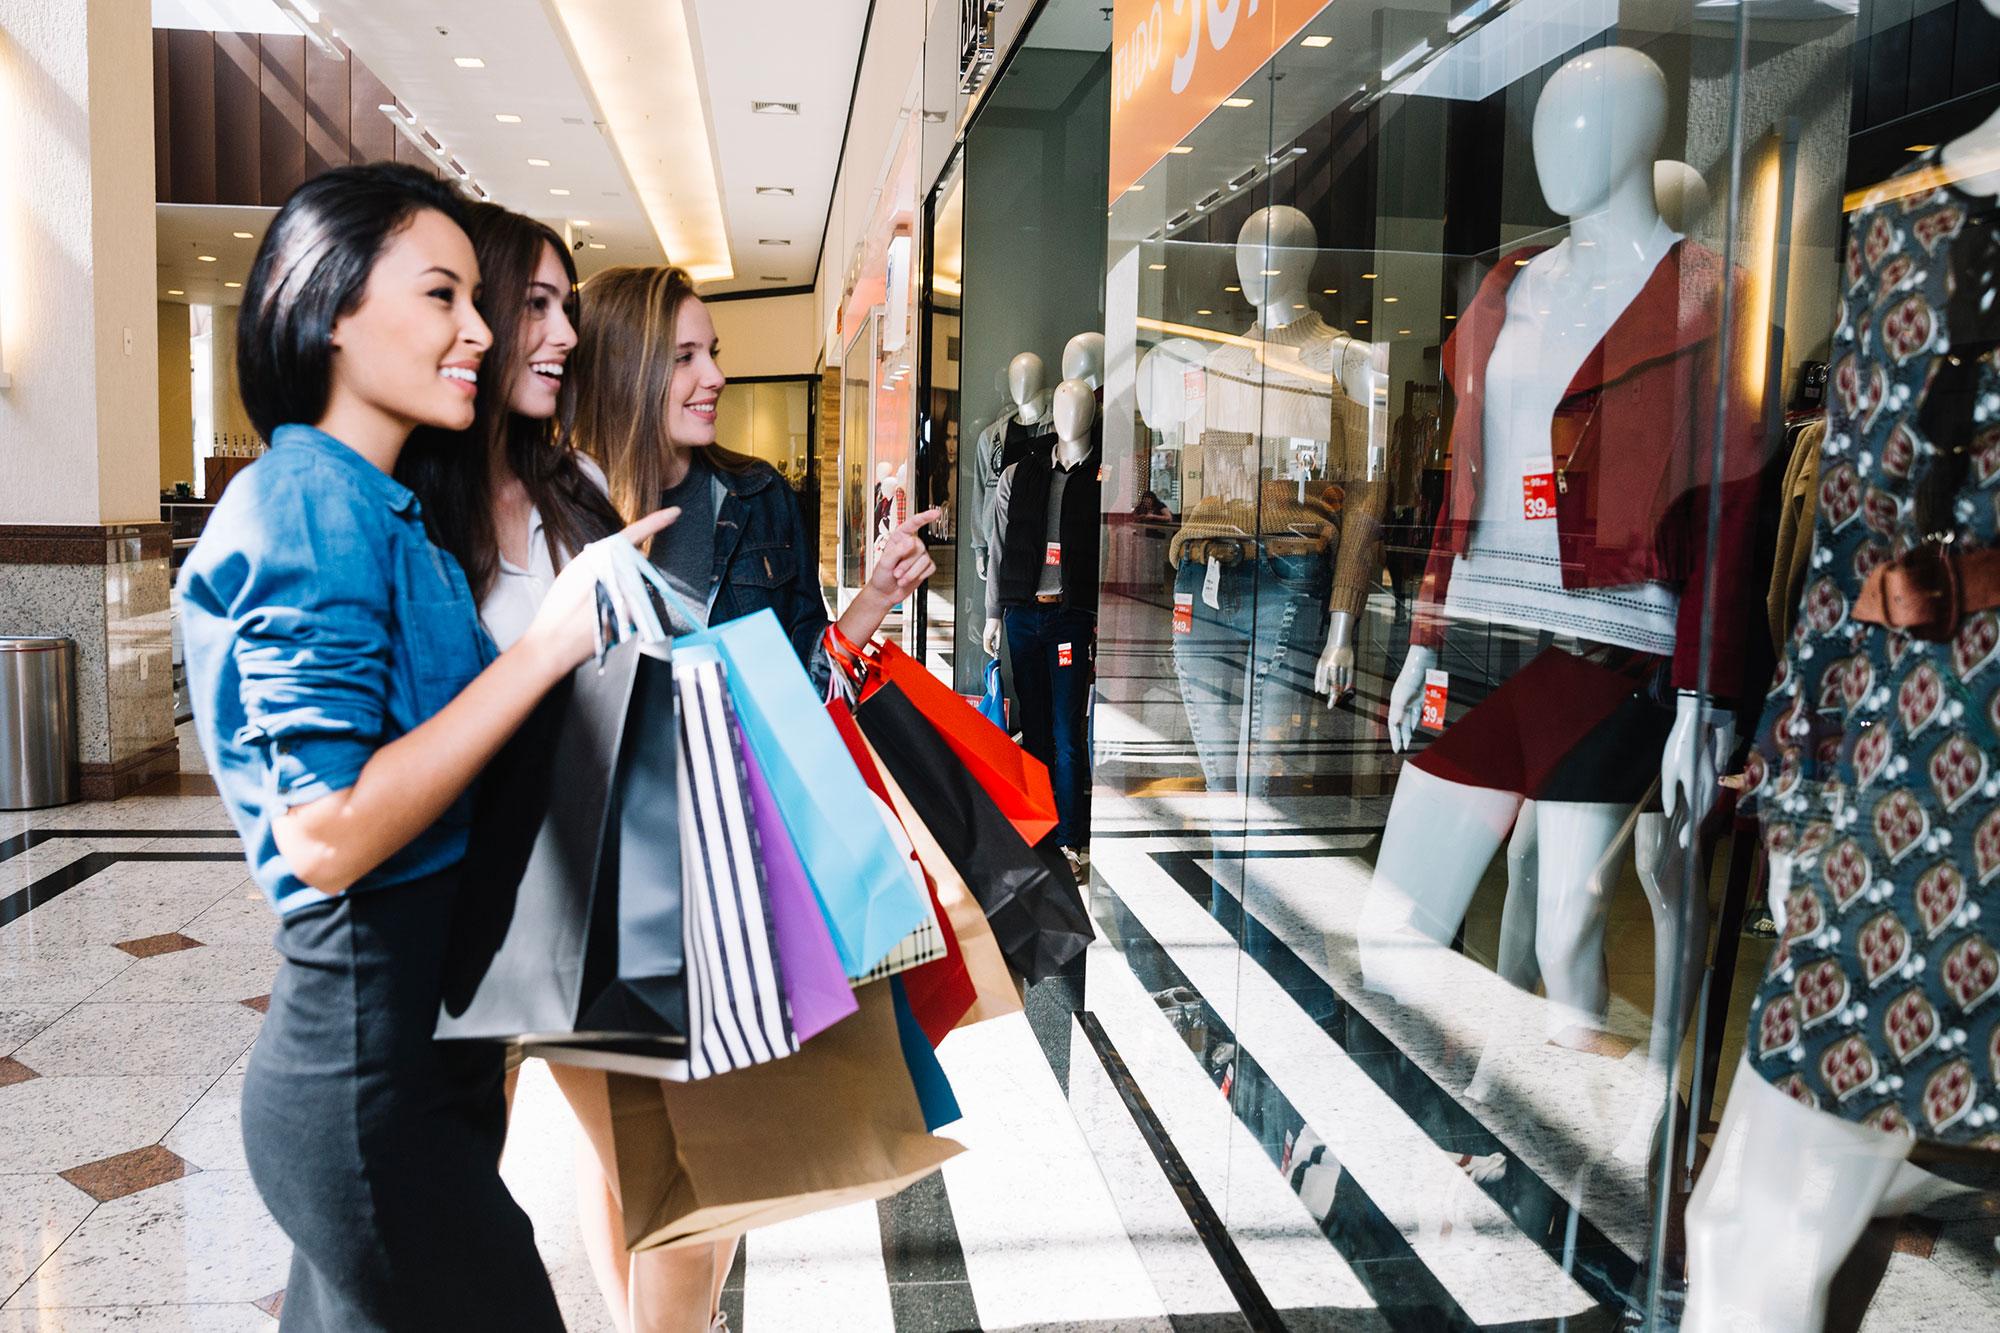 Farbenstil - Einkaufsberatung und Einkaufsbegleitung für Männer und Frauen